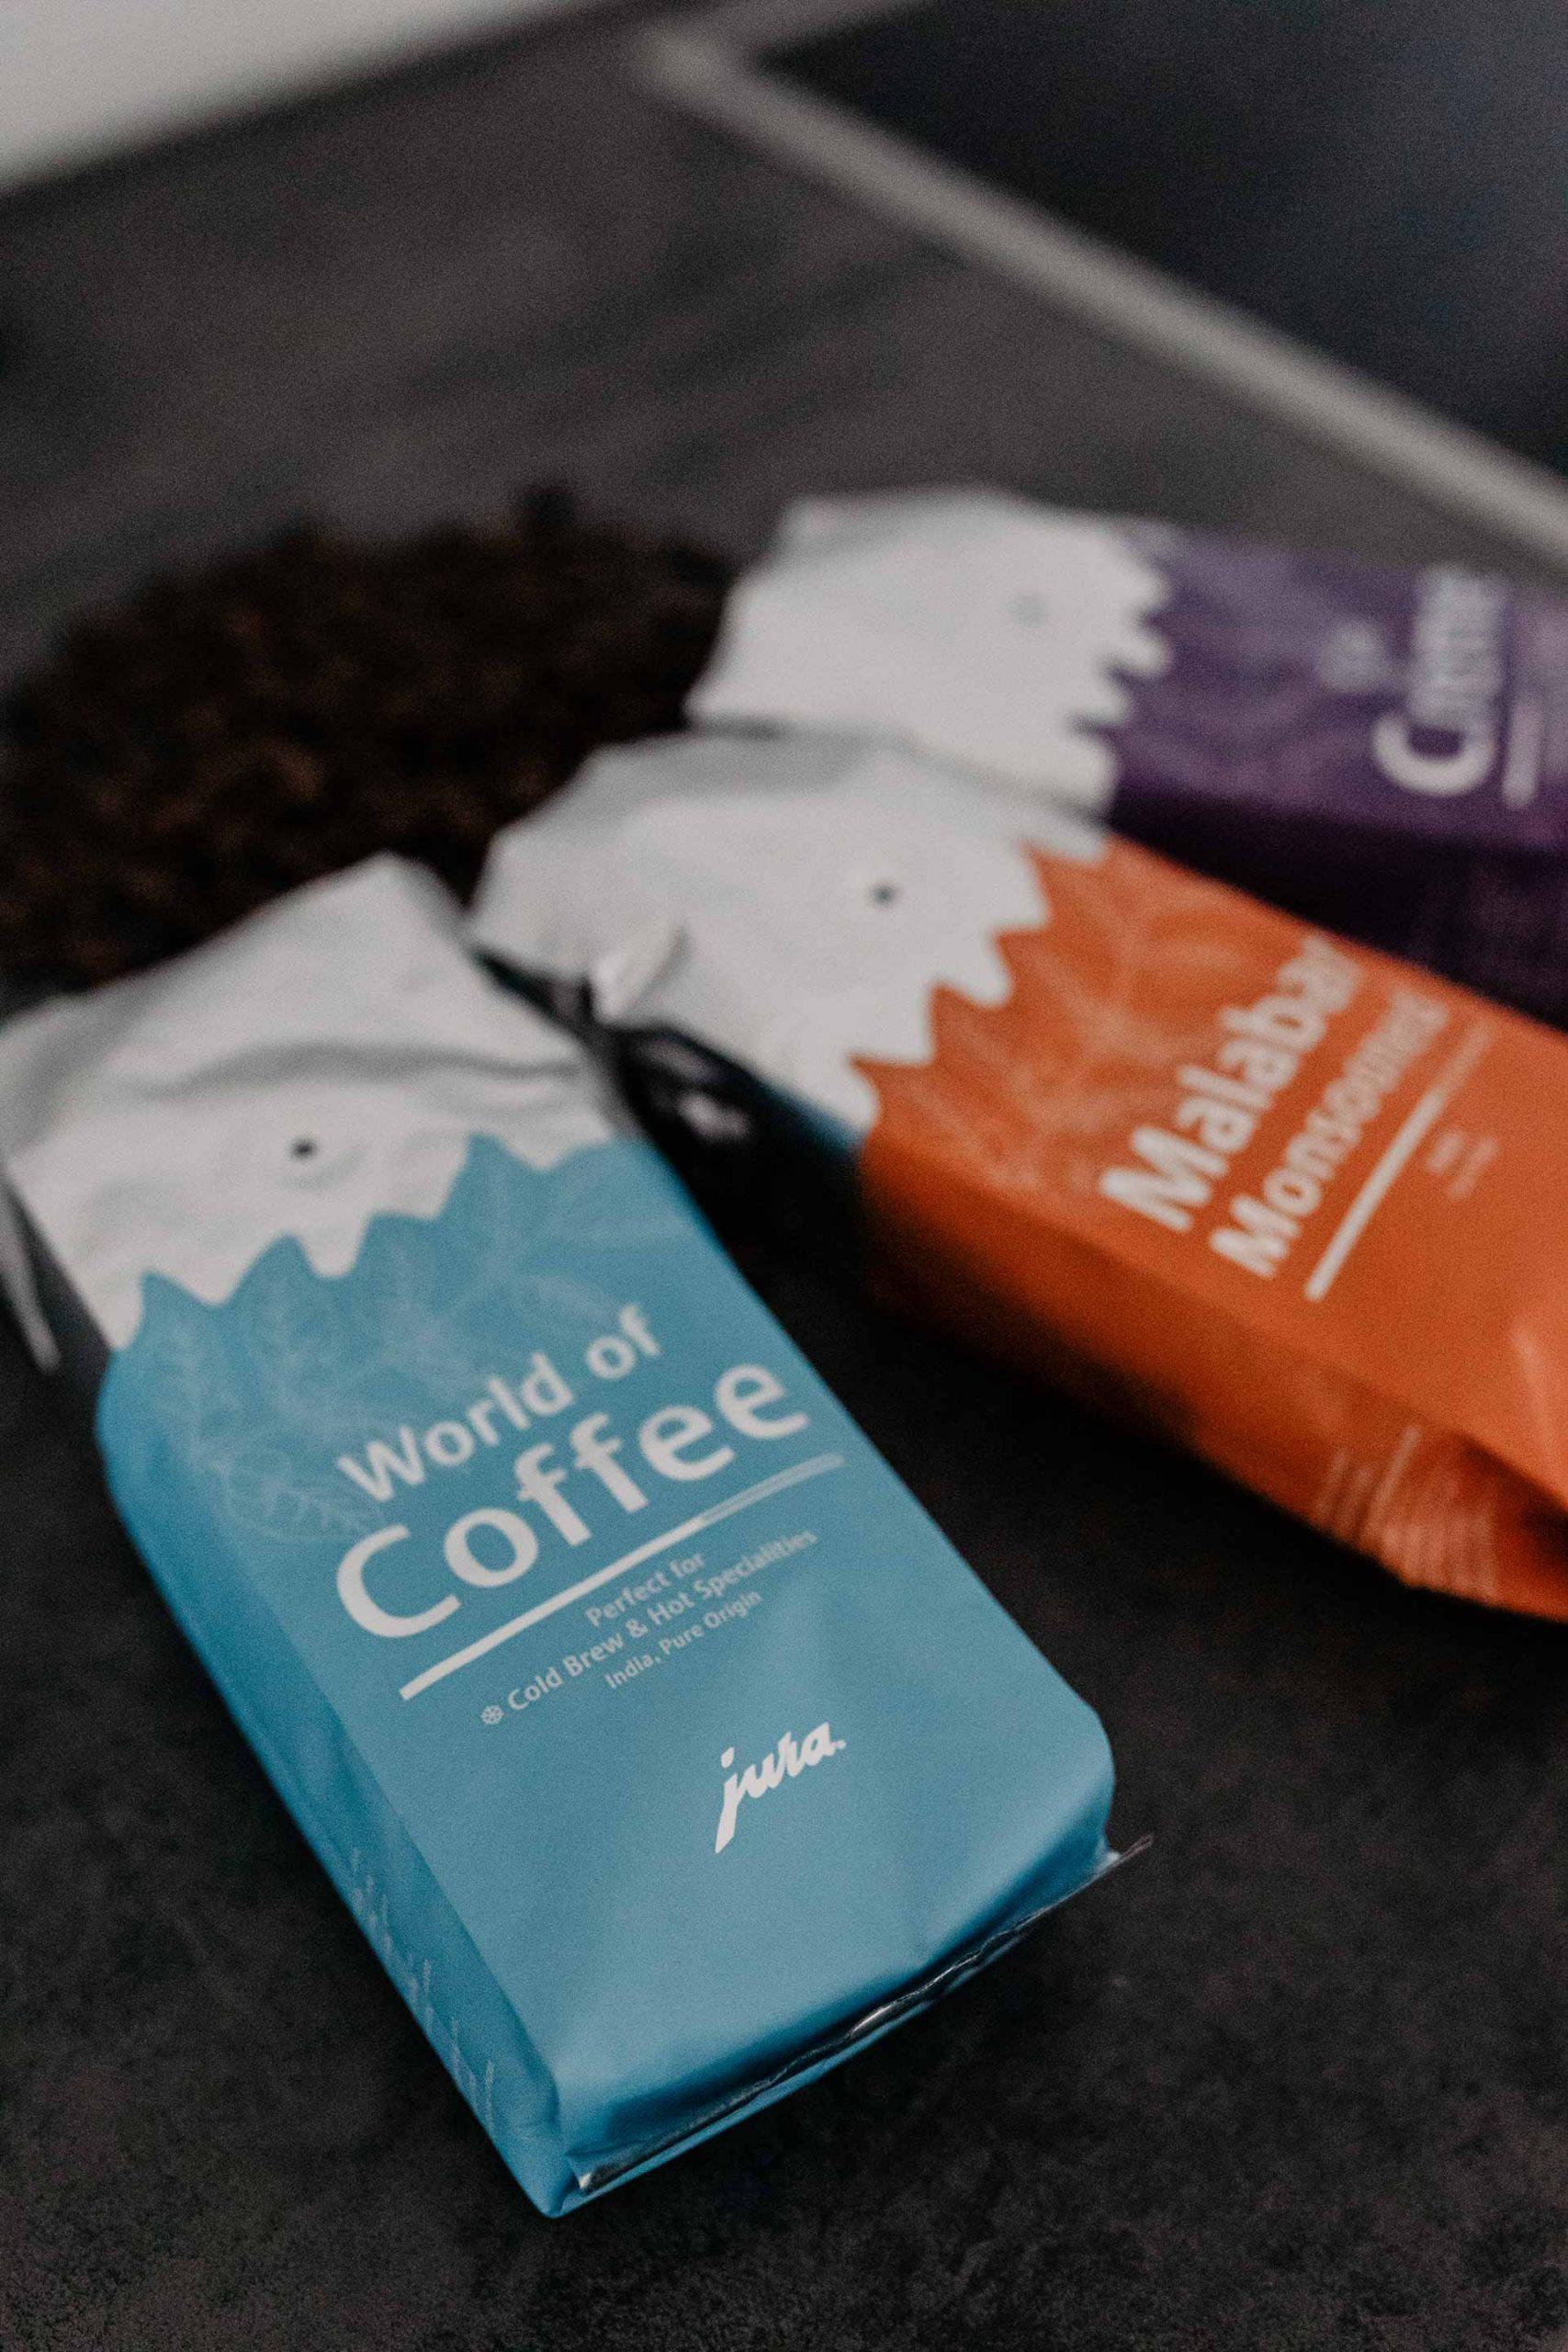 Anzeige. Cold Brew Kaffee ist weitaus mehr, als einfach kalter Kaffee. Was der essentielle Unterschied ist und ein leckeres Cold Brew Coffee Rezept findest du jetzt am Blog. www.whoismocca.com